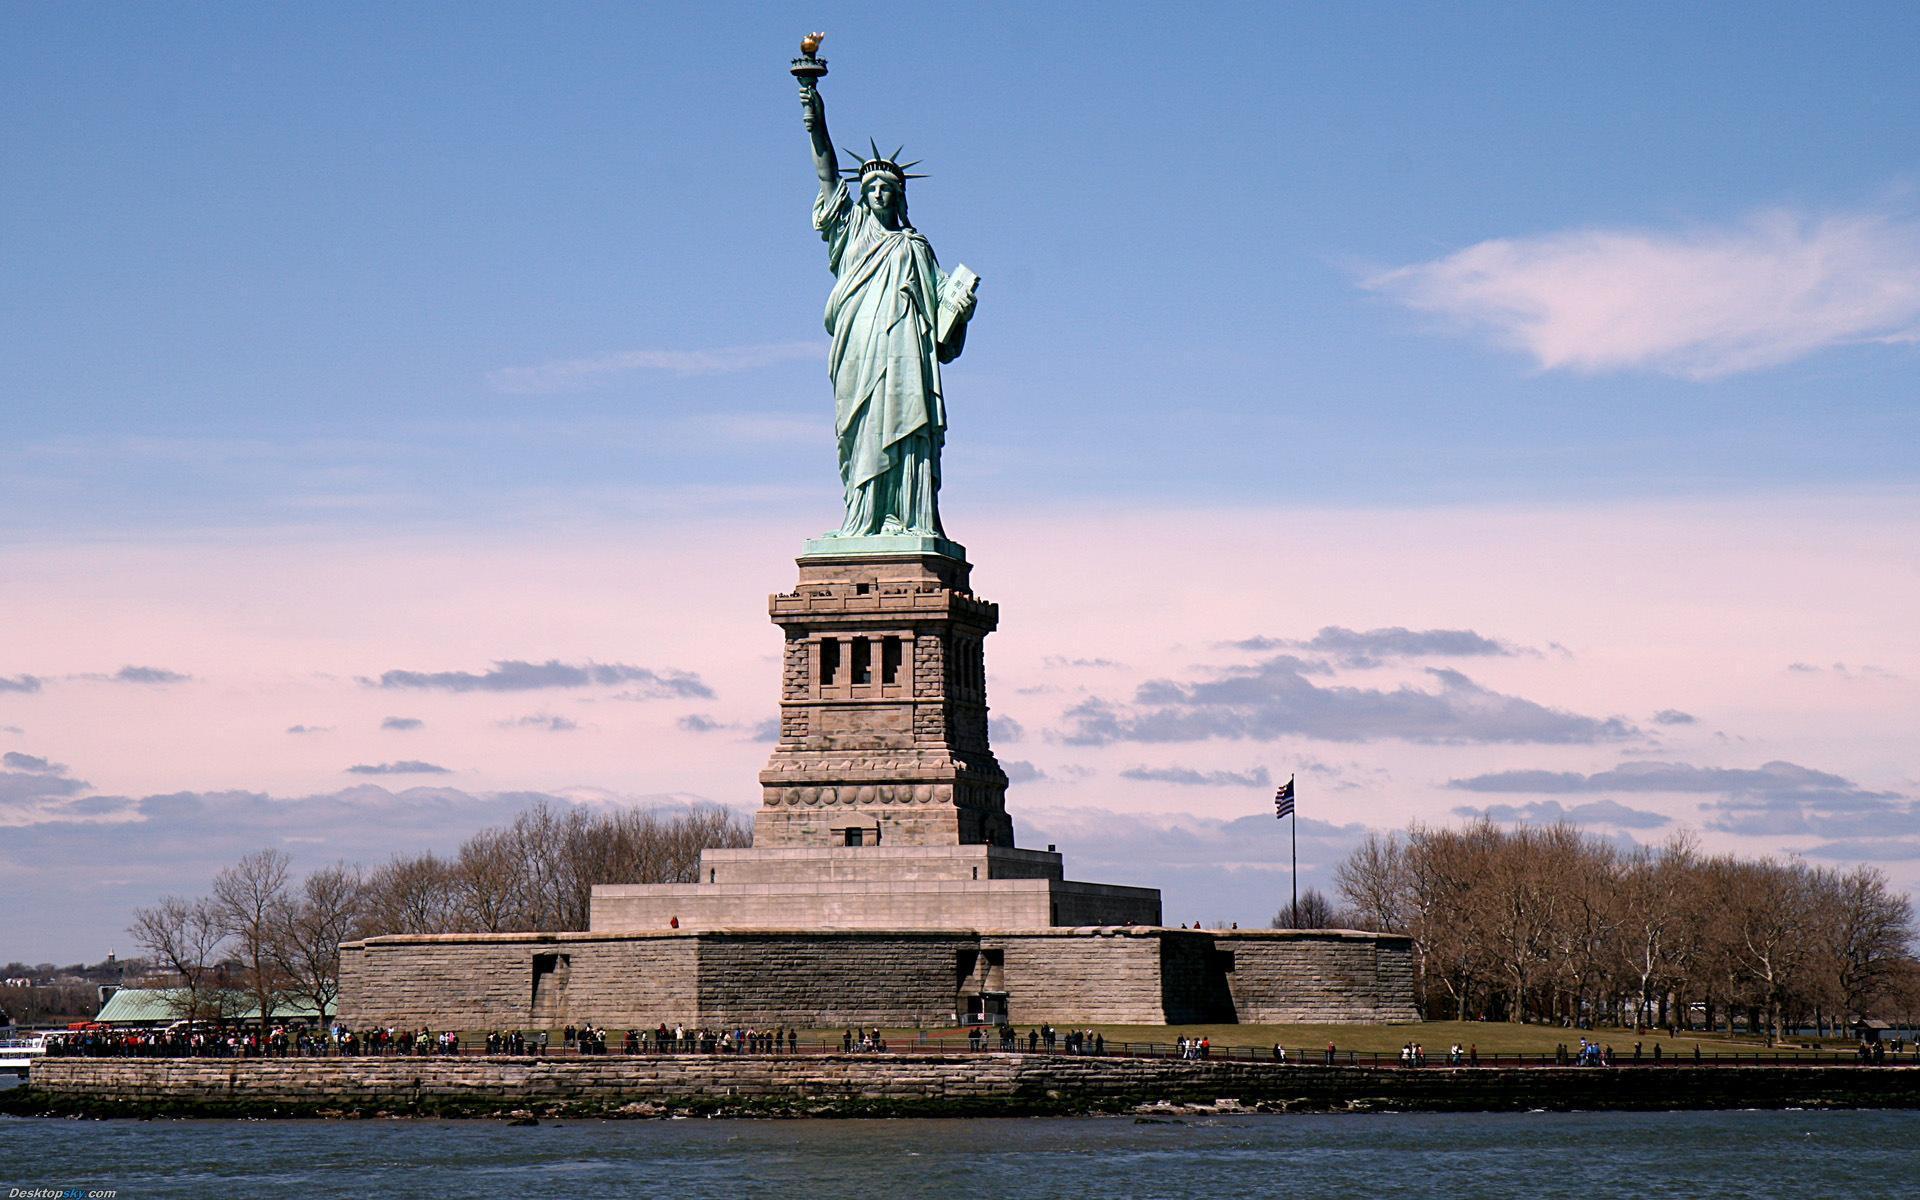 自由女神像是哪个国家送给美国的(自由女神像恐怖事件)